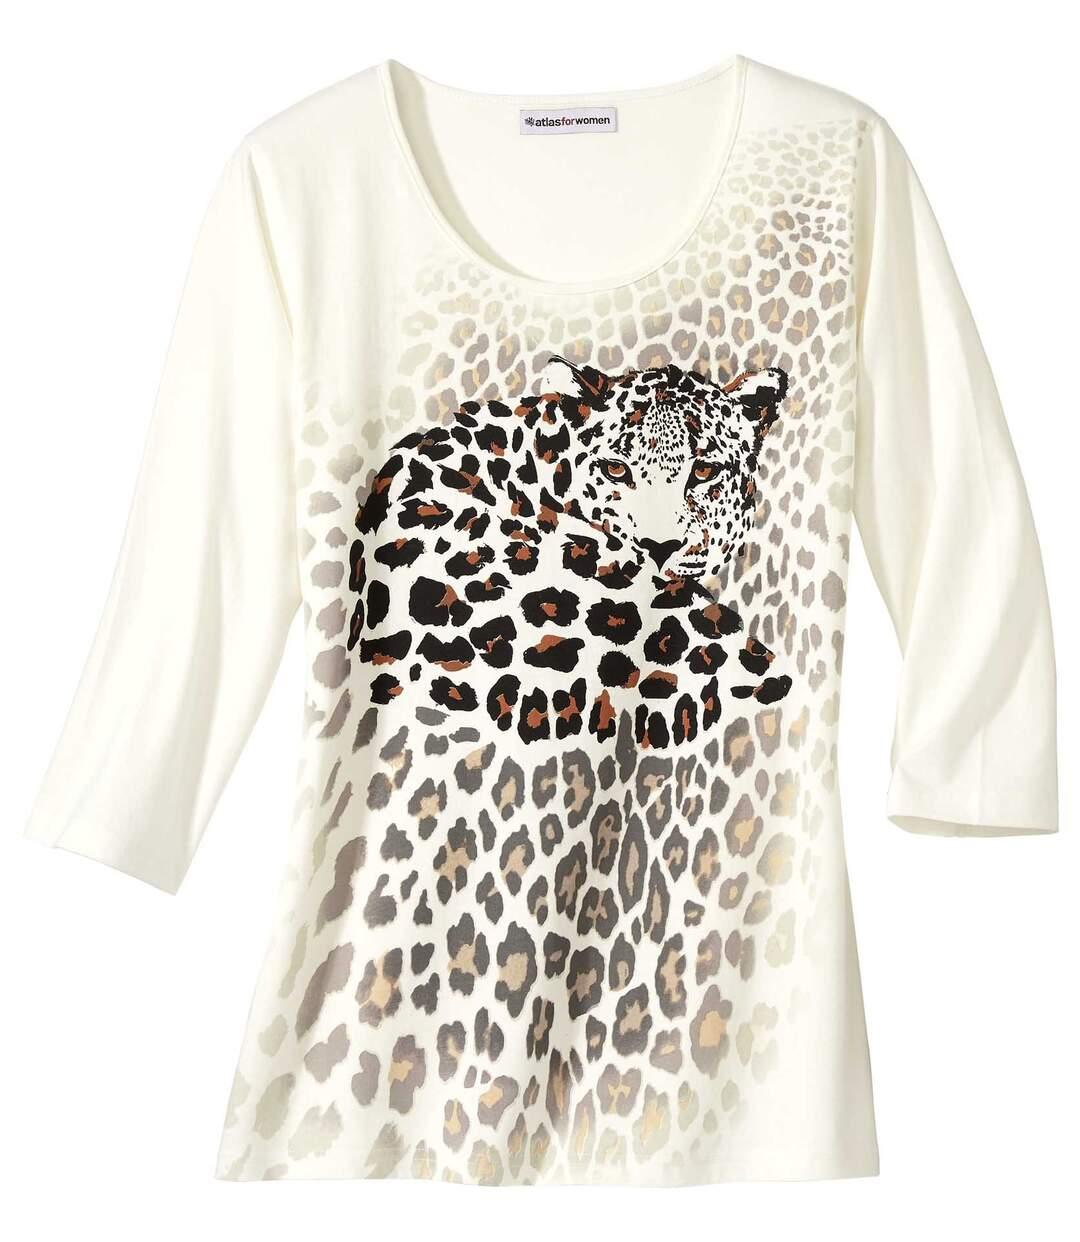 Nyomtatott leopárd mintás póló